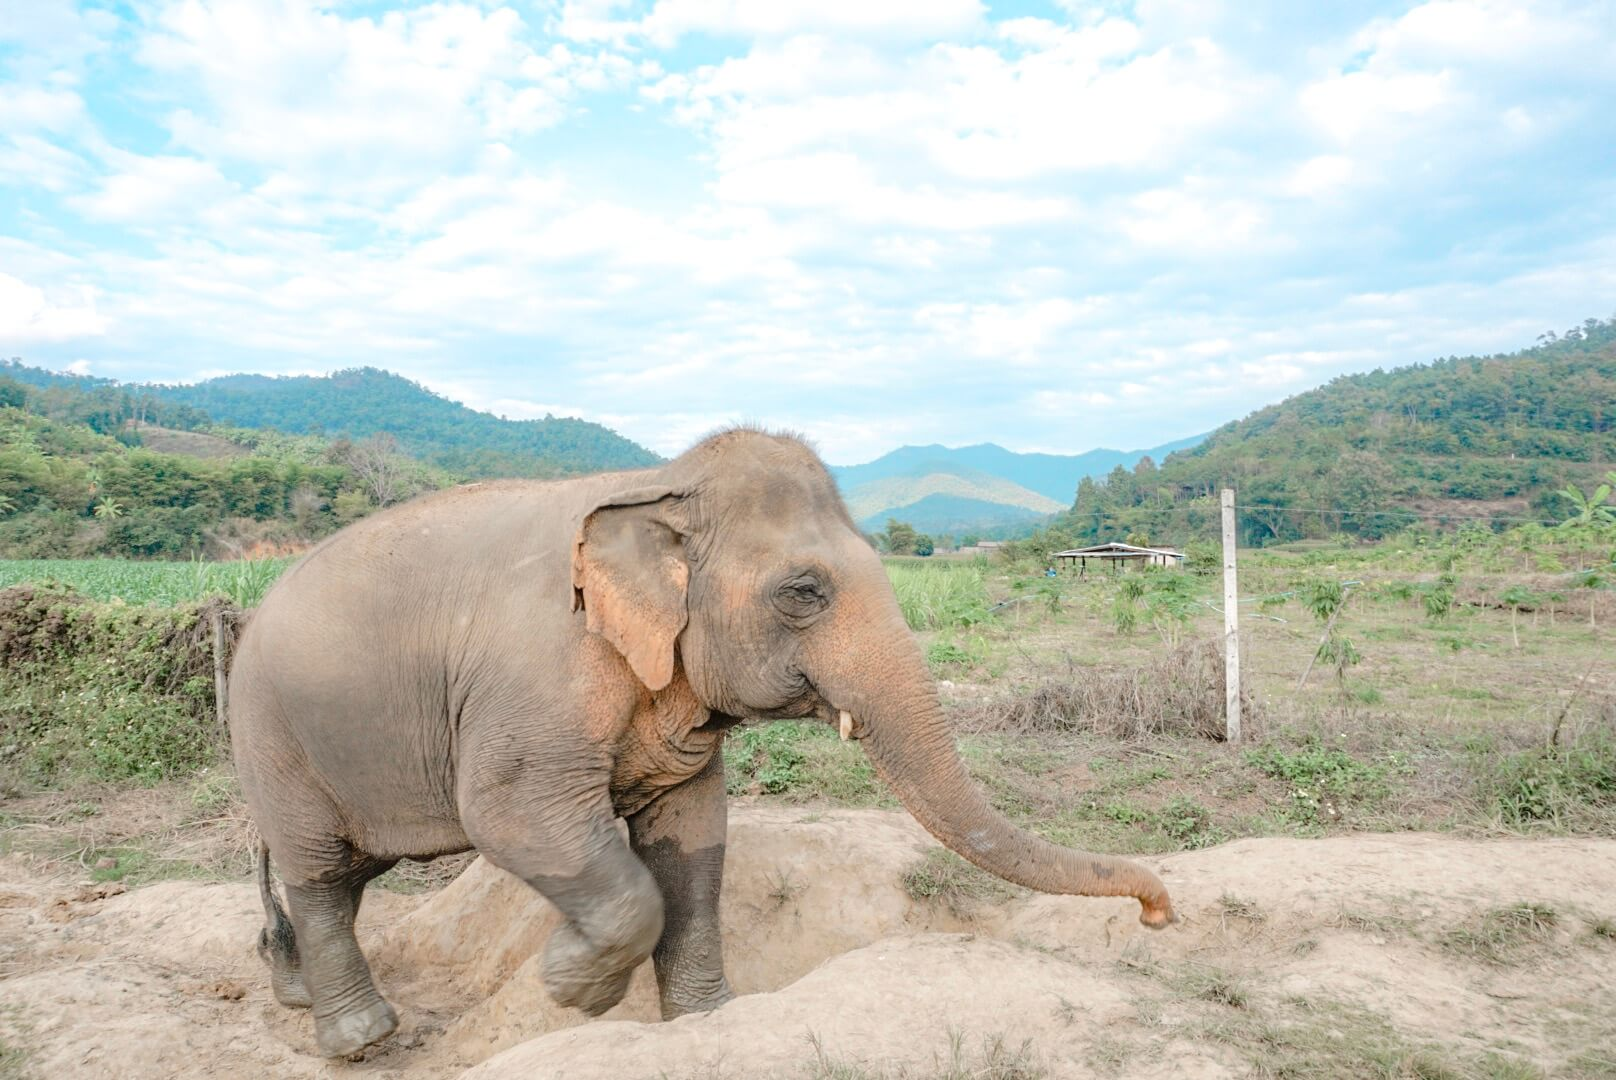 comment rencontrer les éléphants en les protégeant